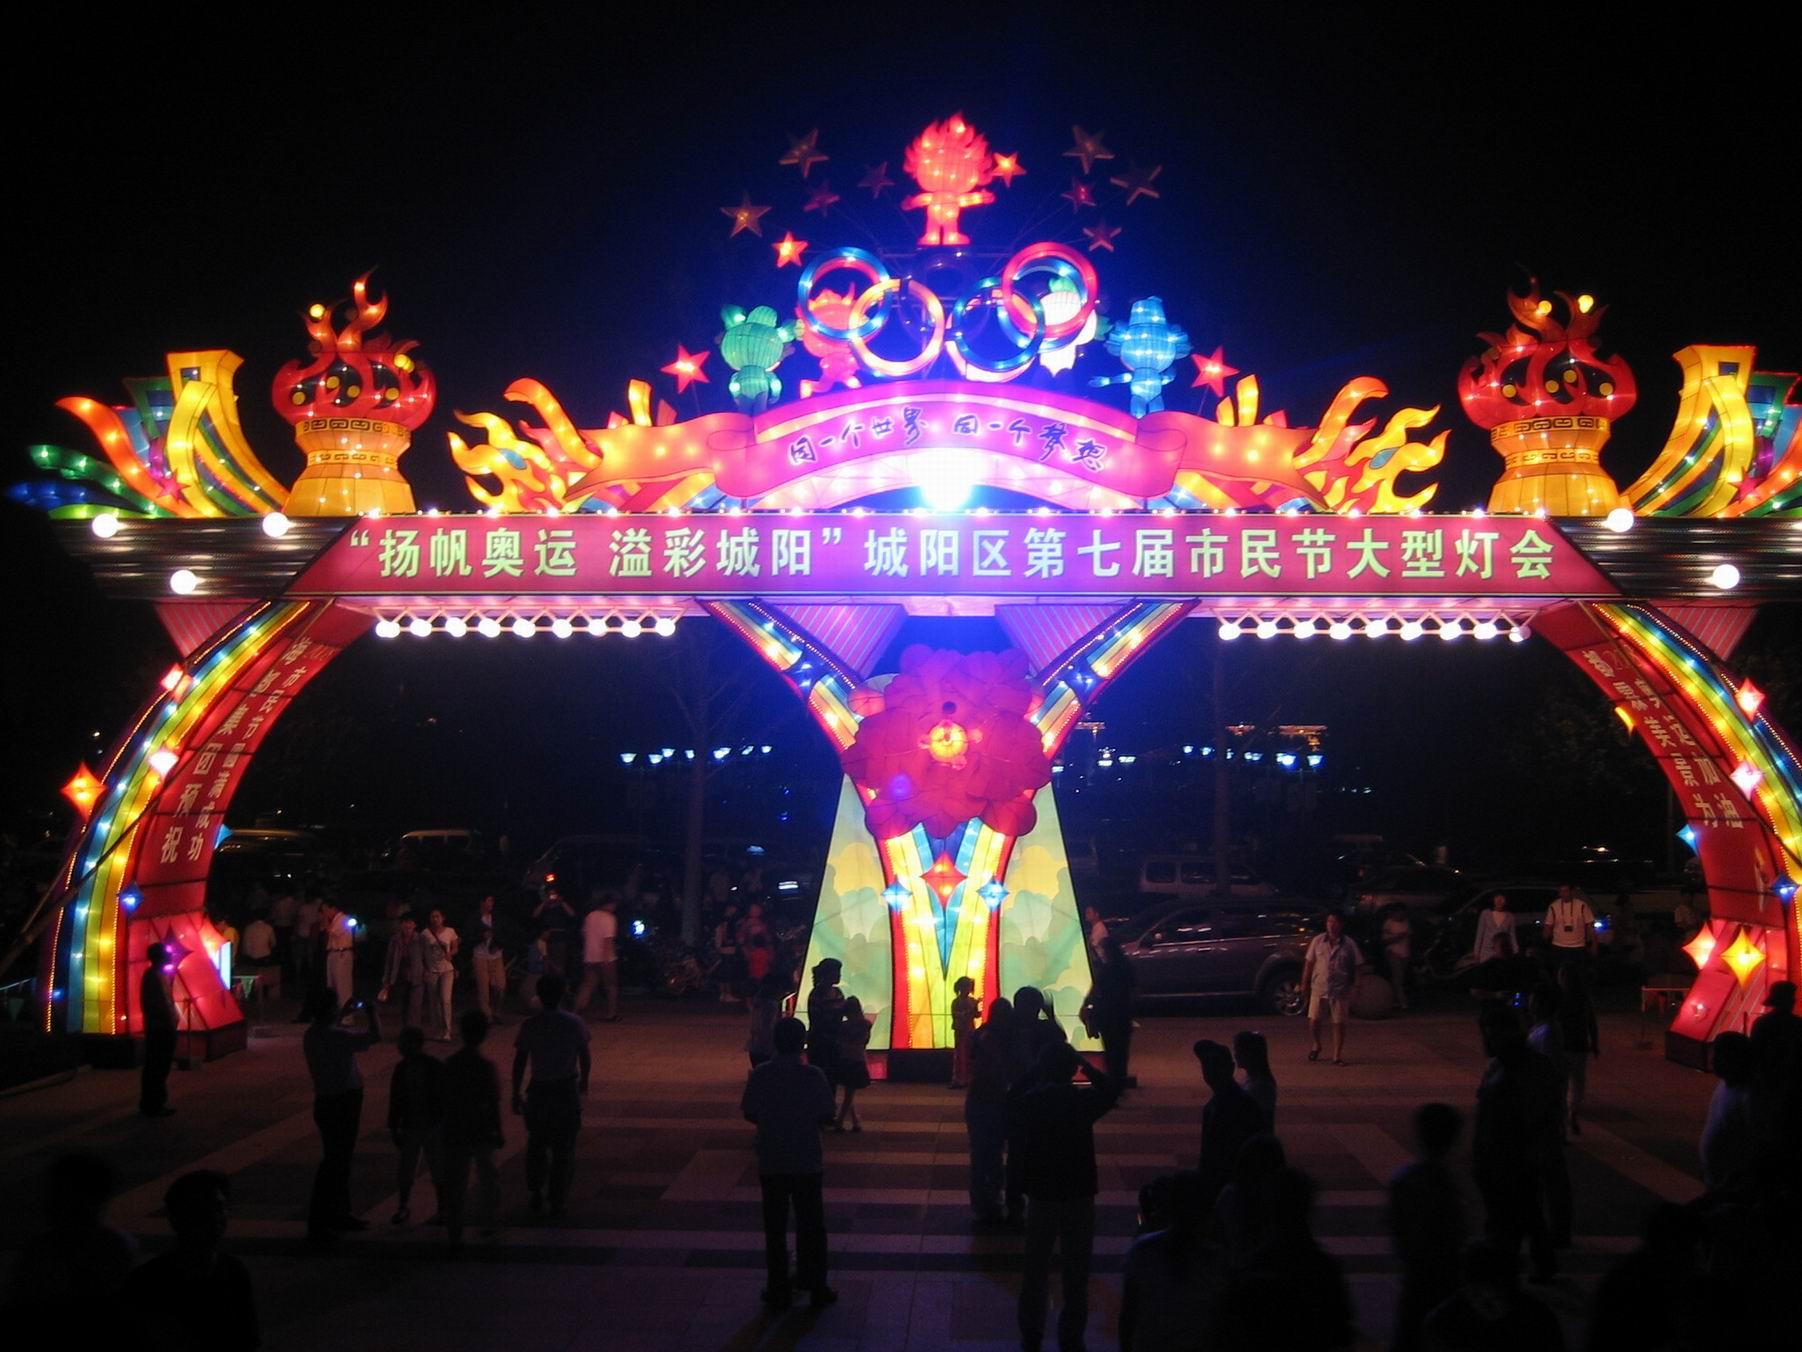 贴图 门前/[贴图]俺家门前《第七届市民节灯会》!!!